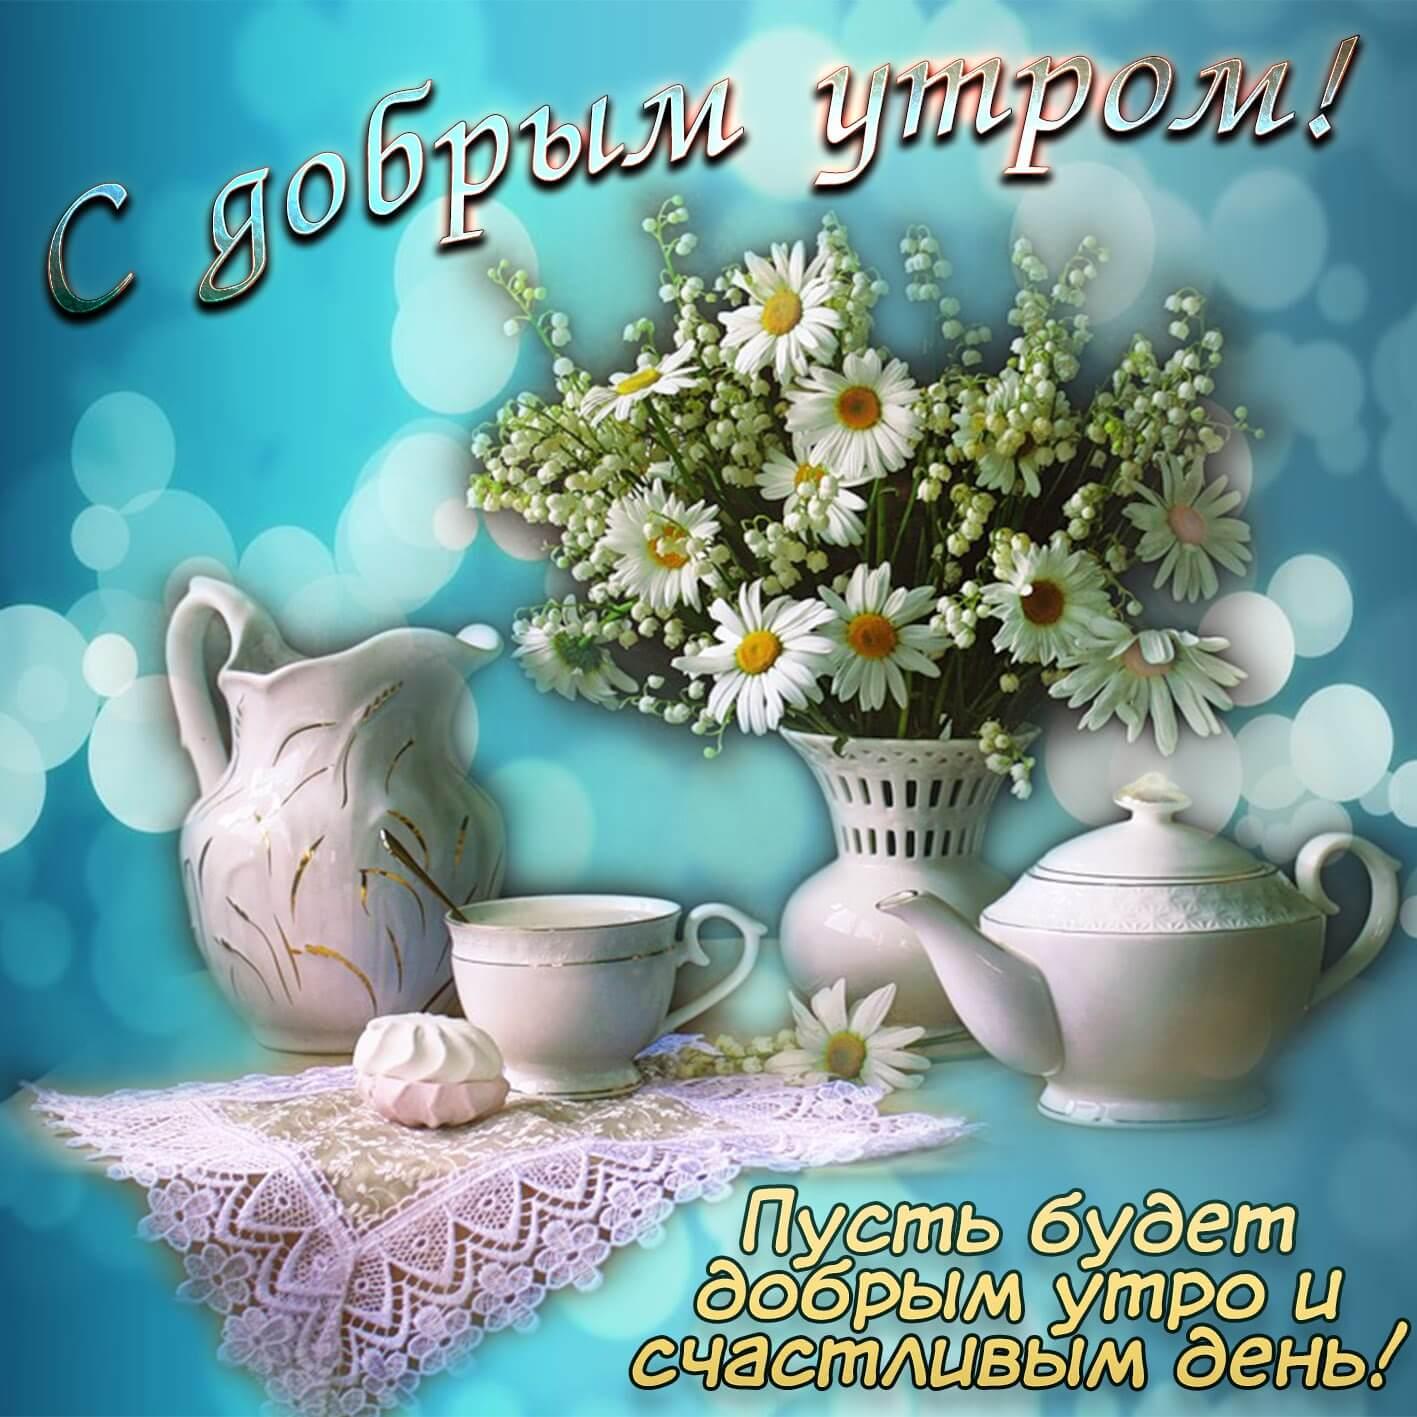 Скачать открытку с добрым утром и хорошего настроения 03